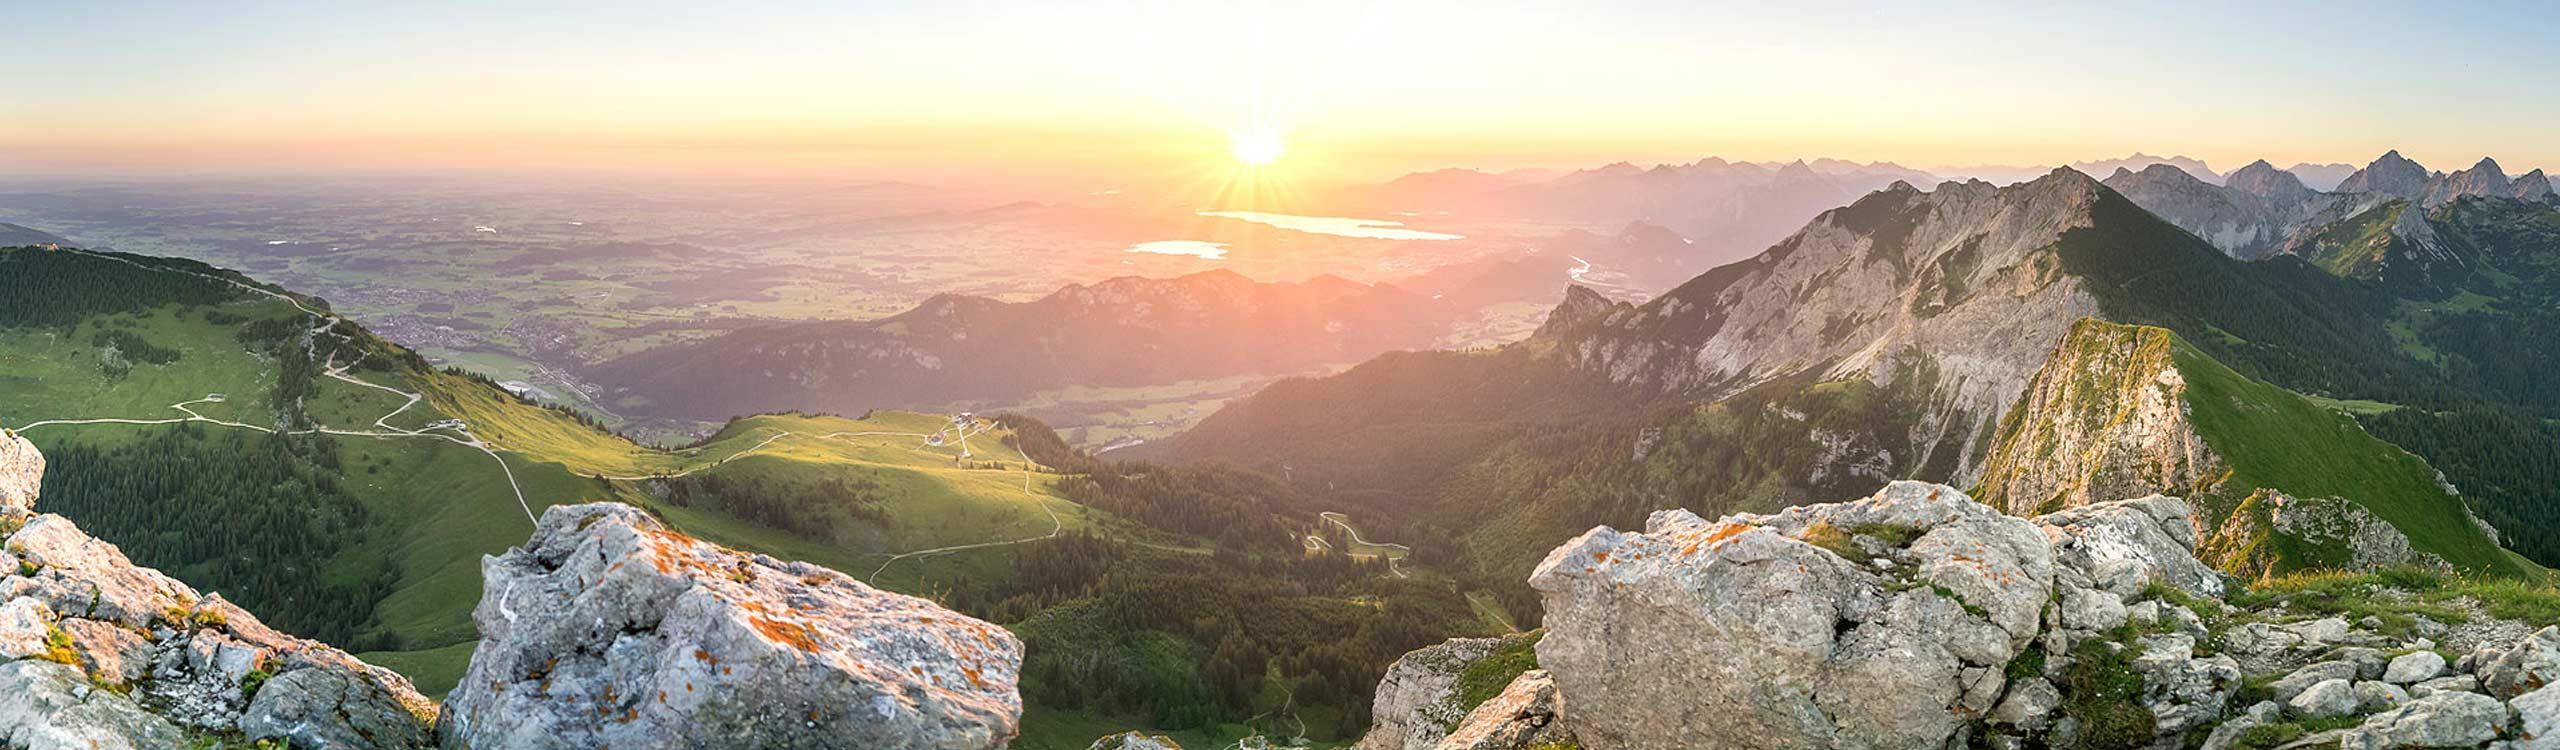 Sonnenaufgang auf dem Aggenstein